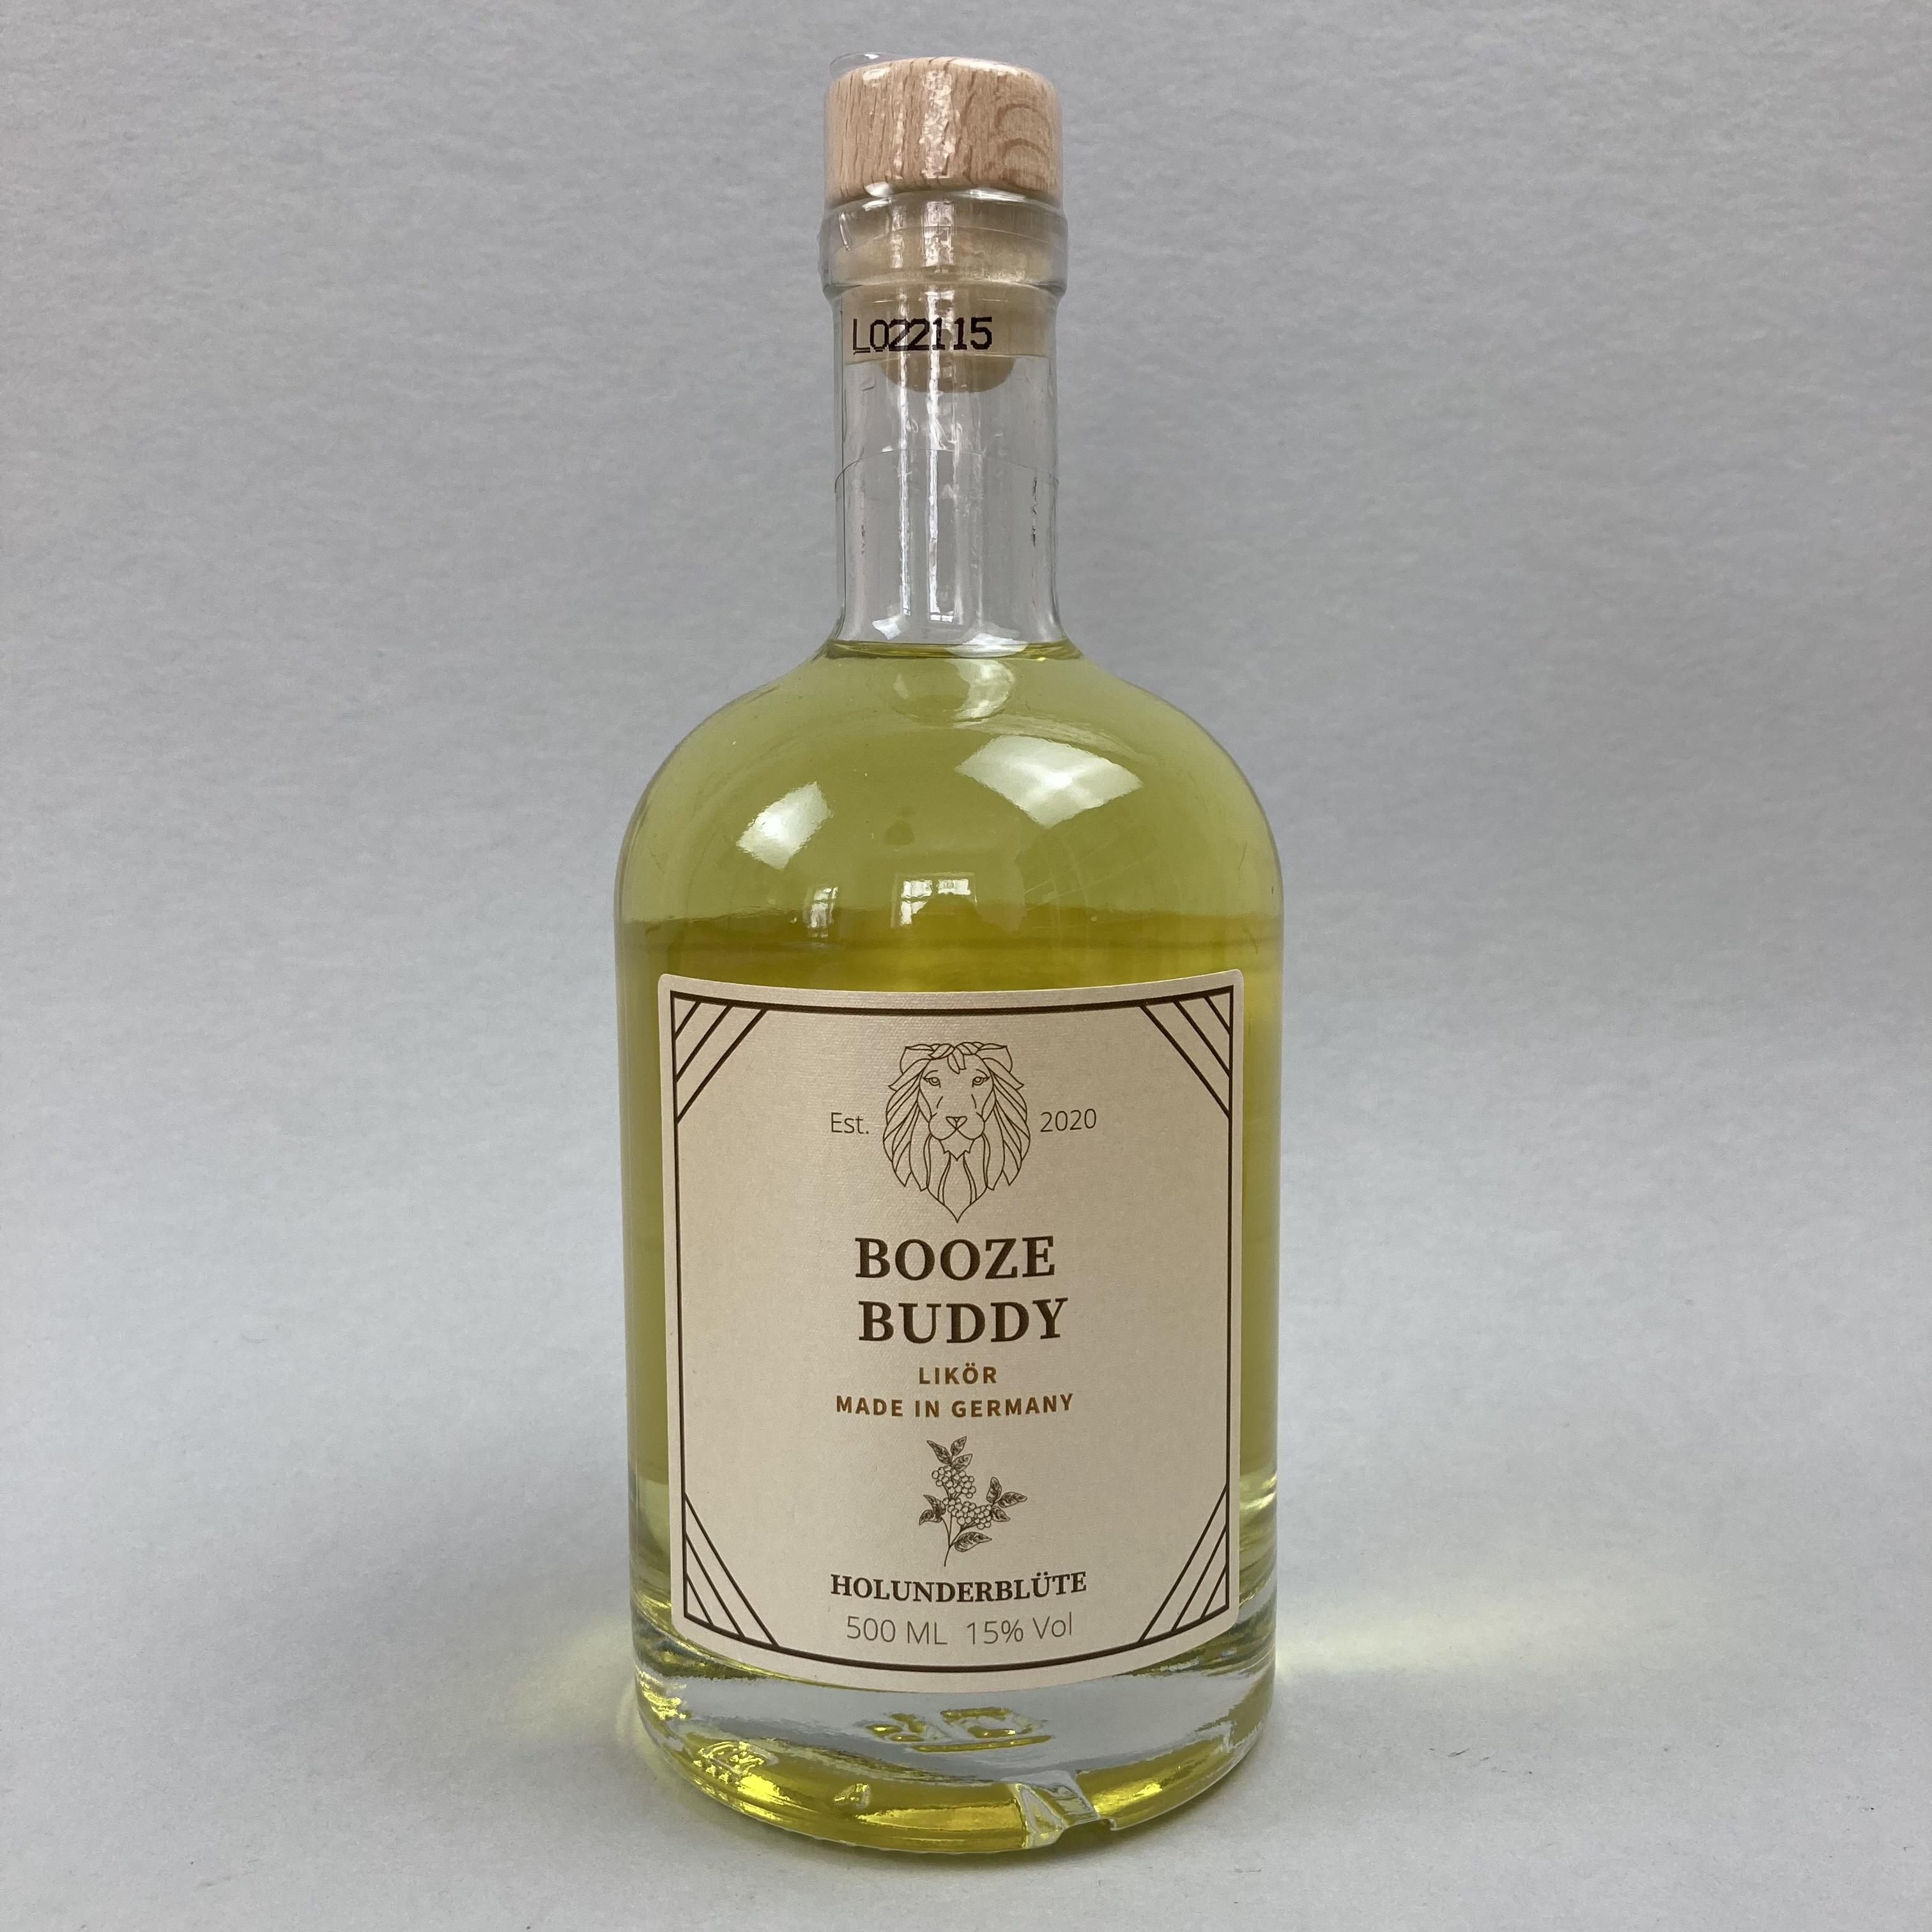 Booze Buddy